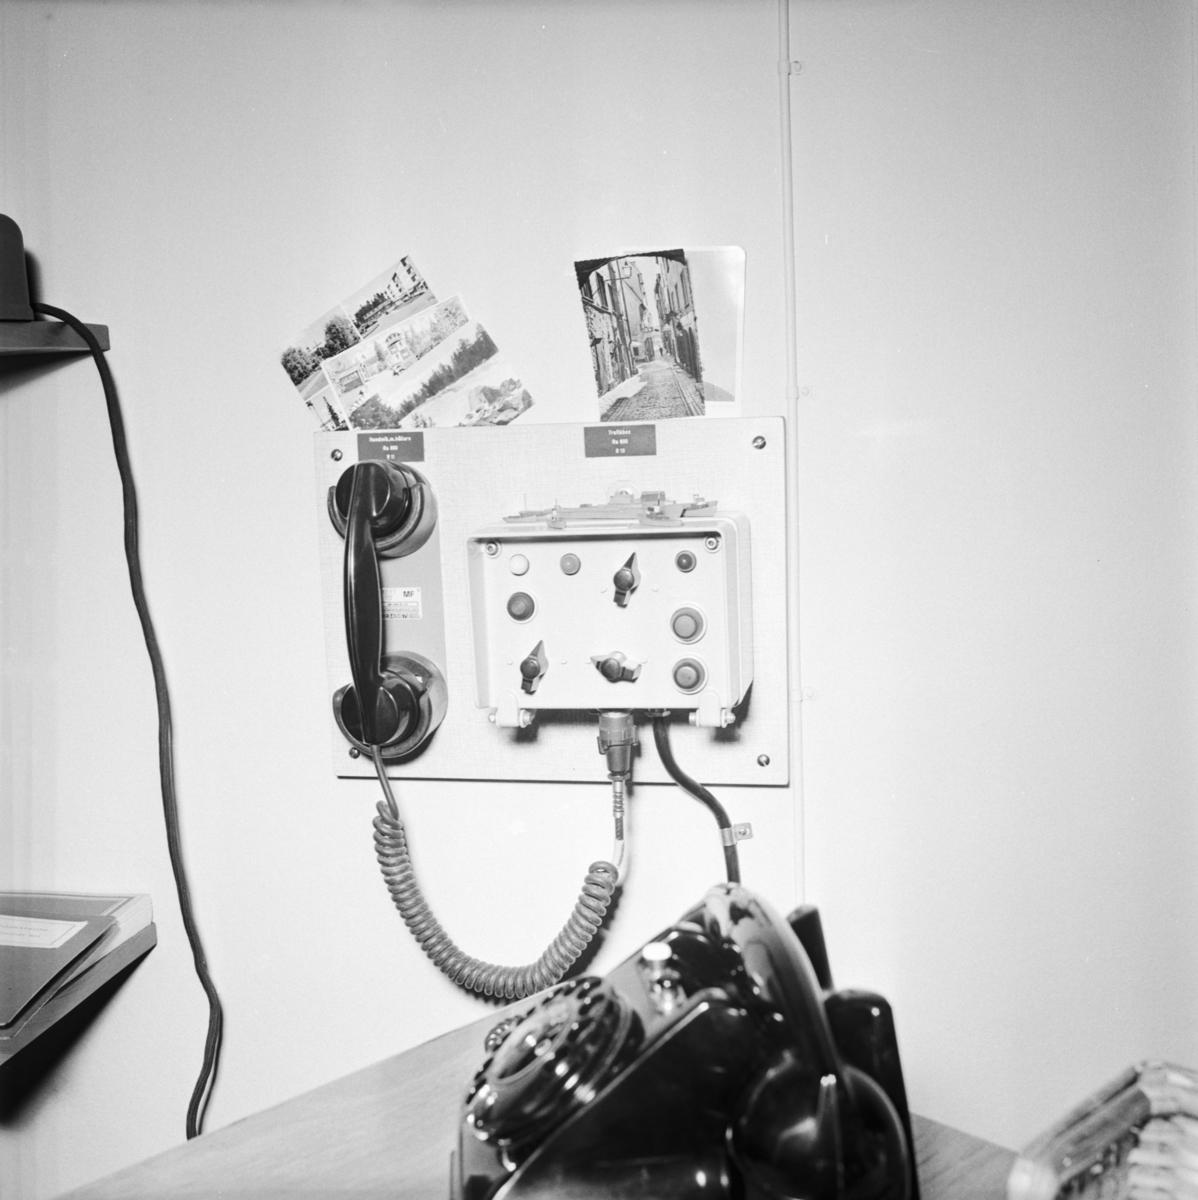 Övrigt: Foto datum: 9/8 1966 Byggnader och kranar Teleinstallationer på sjöreserven